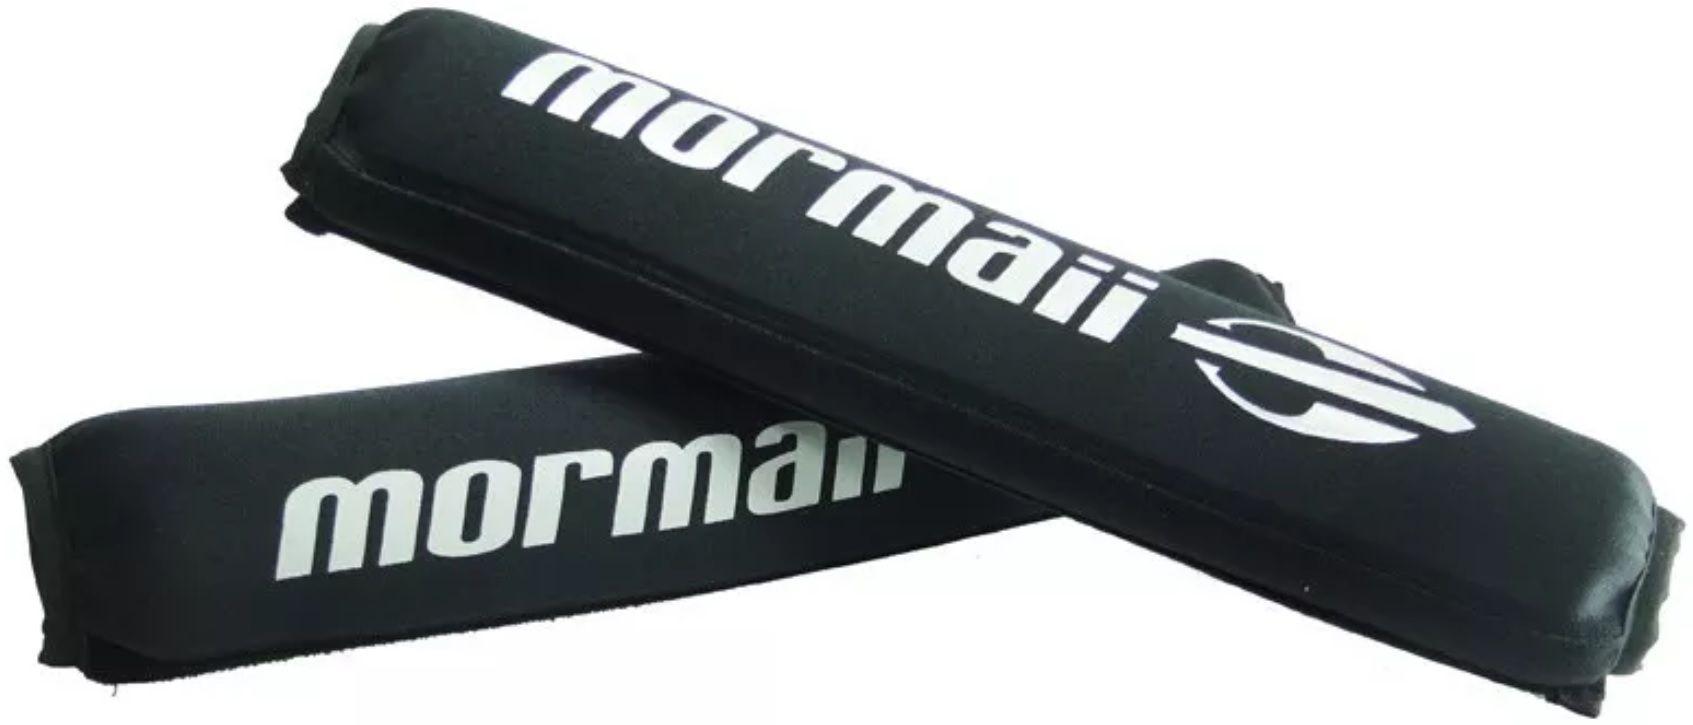 Espuma Protetora (Par) de Prancha de Surf para Rack de Carro Bastão Grande Mormaii Soft Pad